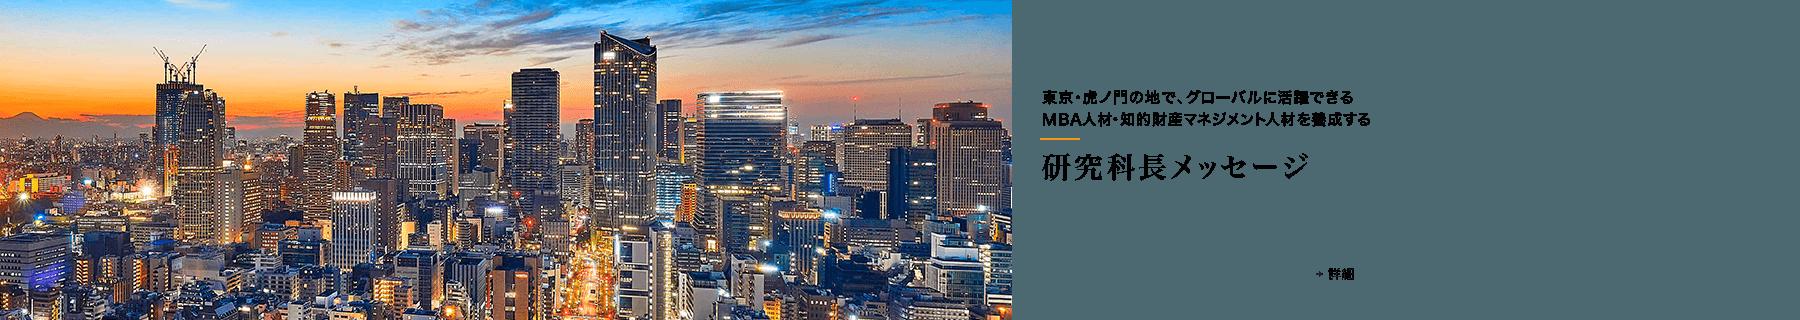 東京・虎ノ門の地で、イノベーションマネジメント人材を養成する 研究科長メッセージ